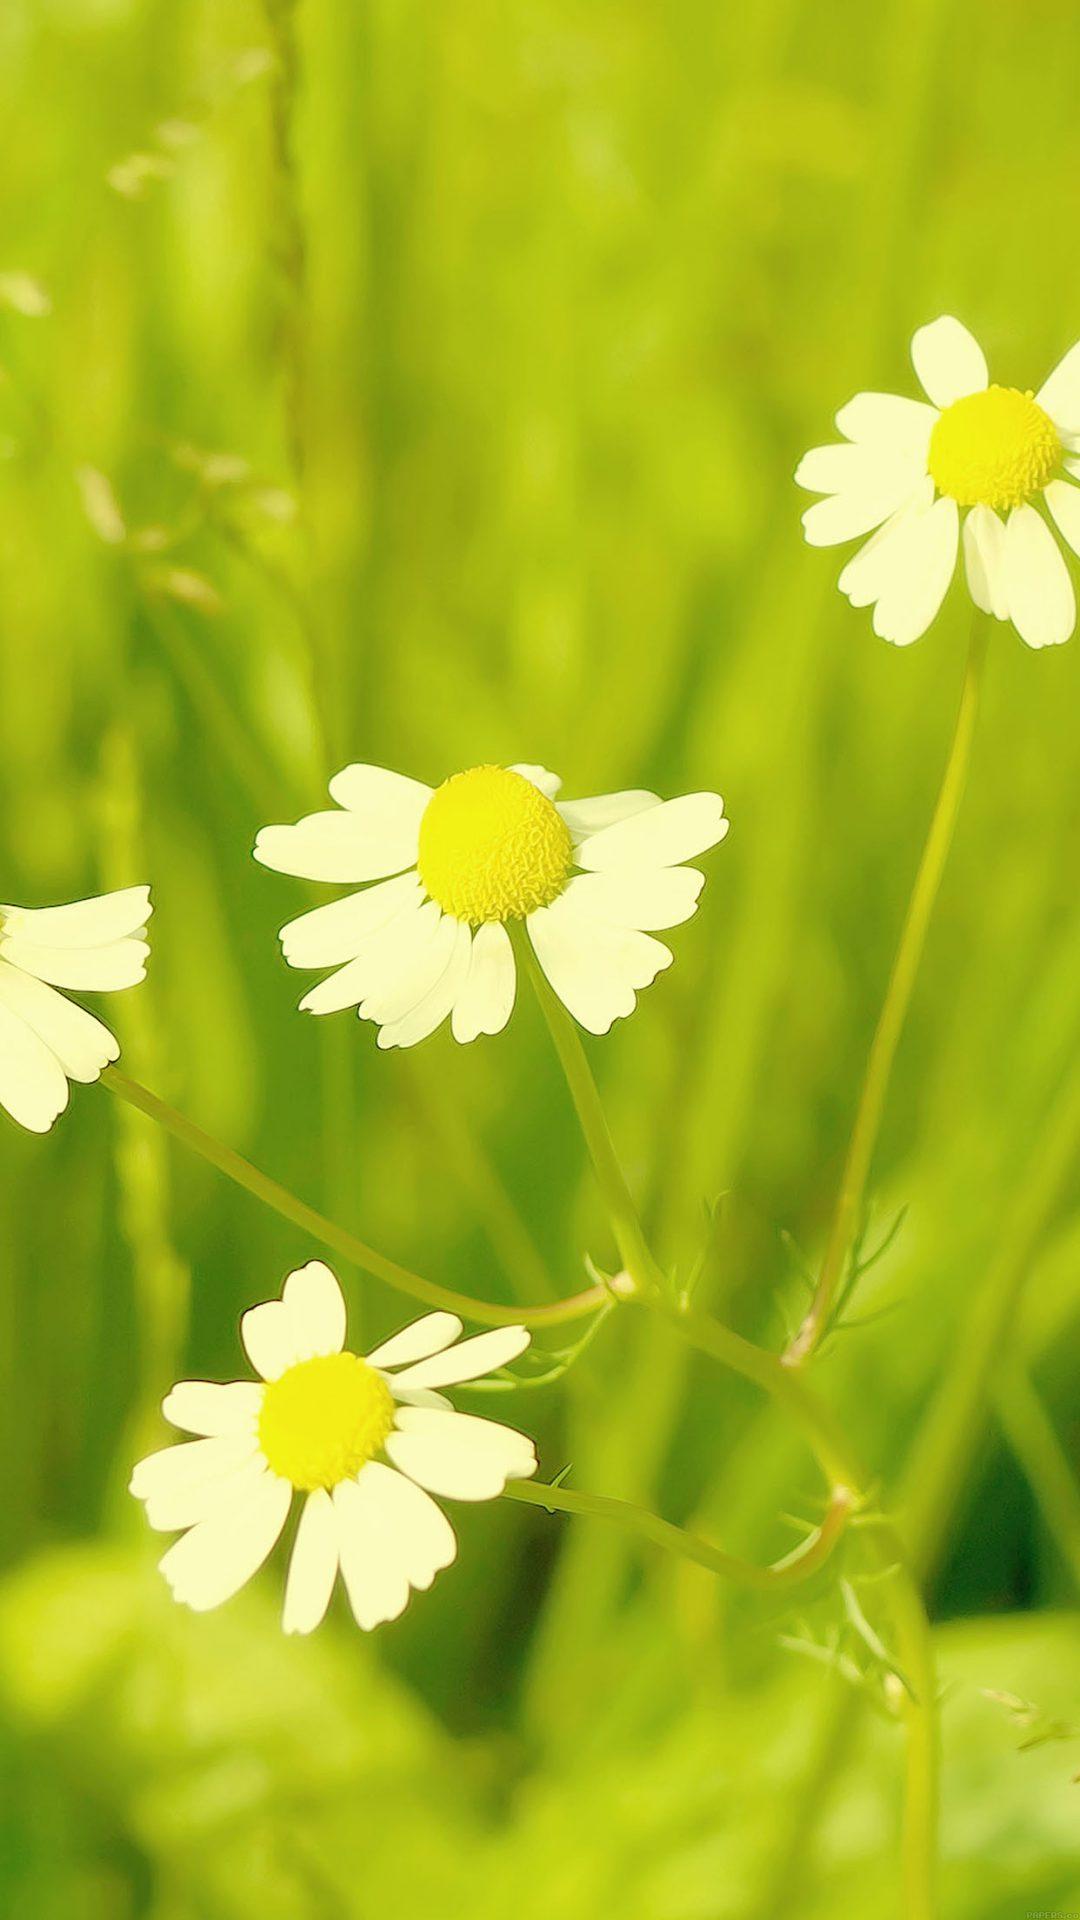 Wallpaper Spring Flower White Grass Nature